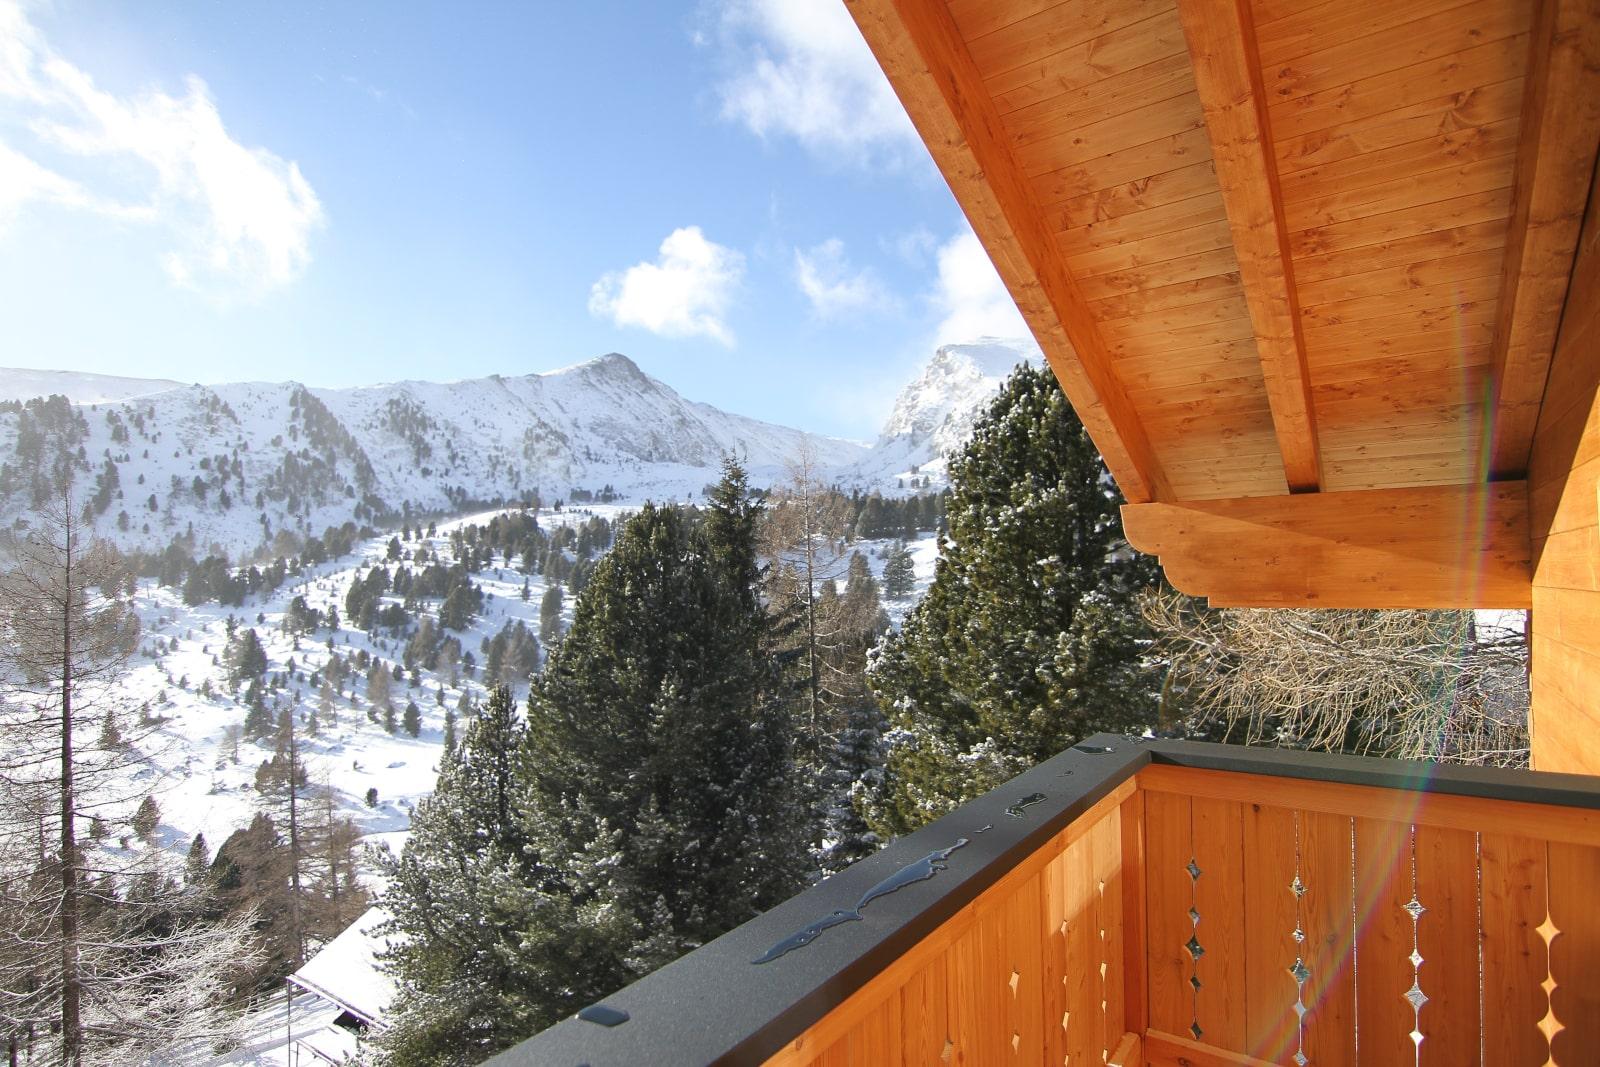 Heidi-Chalet-Falkert-Heidialm-Almsommer-Winter-Ski-Winter-Balkon-Ausblick-Berg